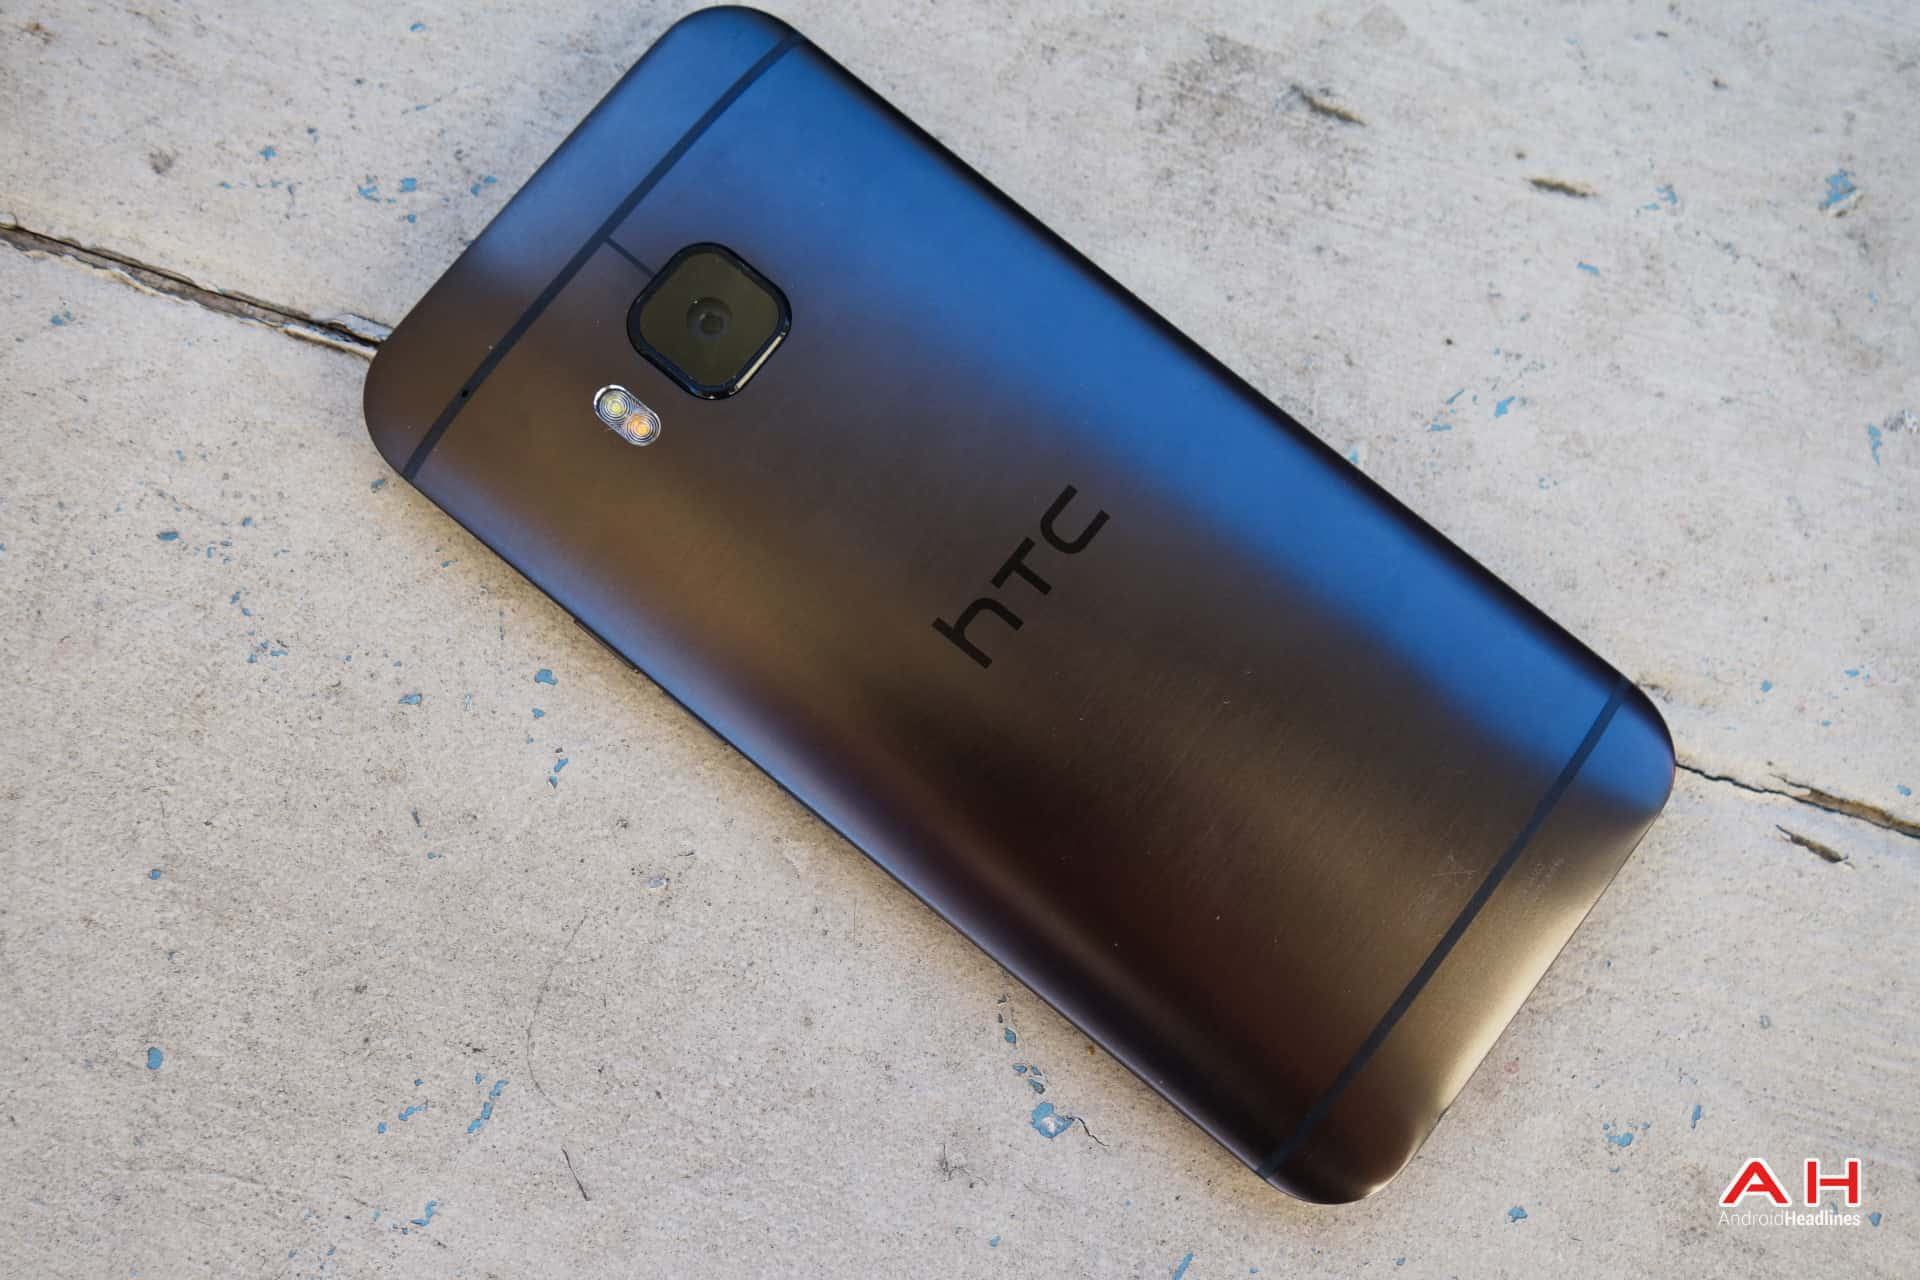 AH HTC One M9 5